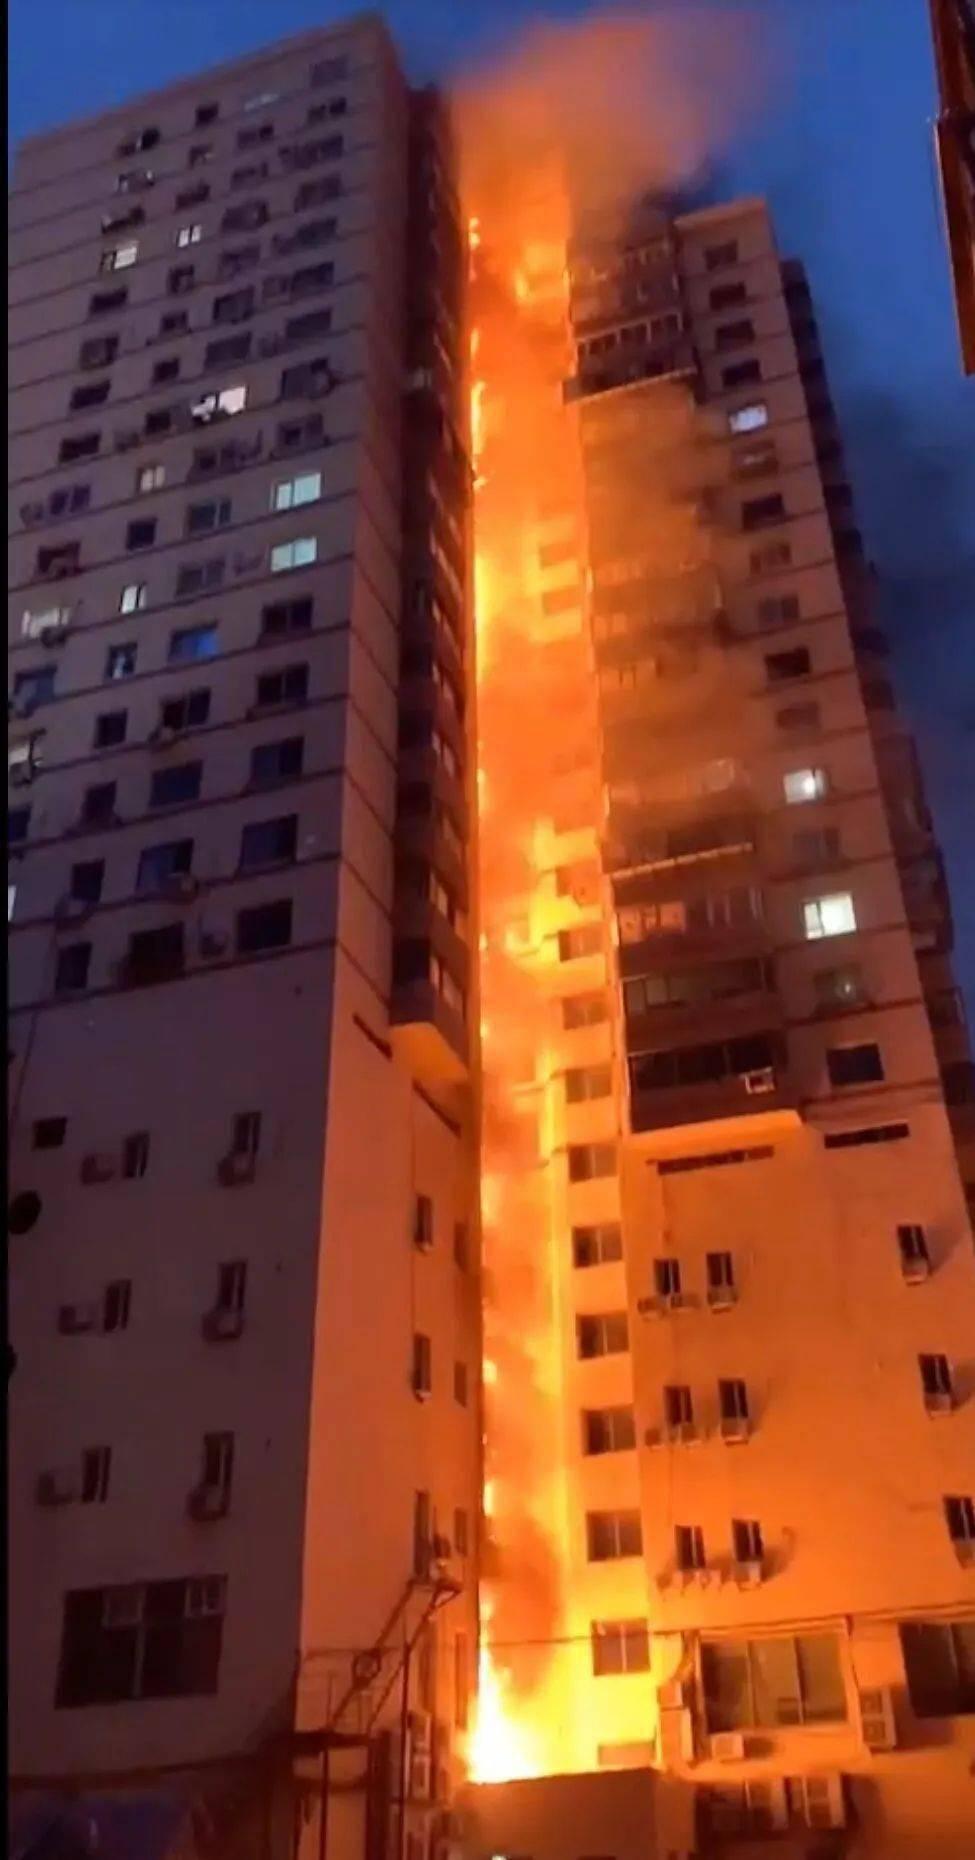 可怕!高层起火连烧20层